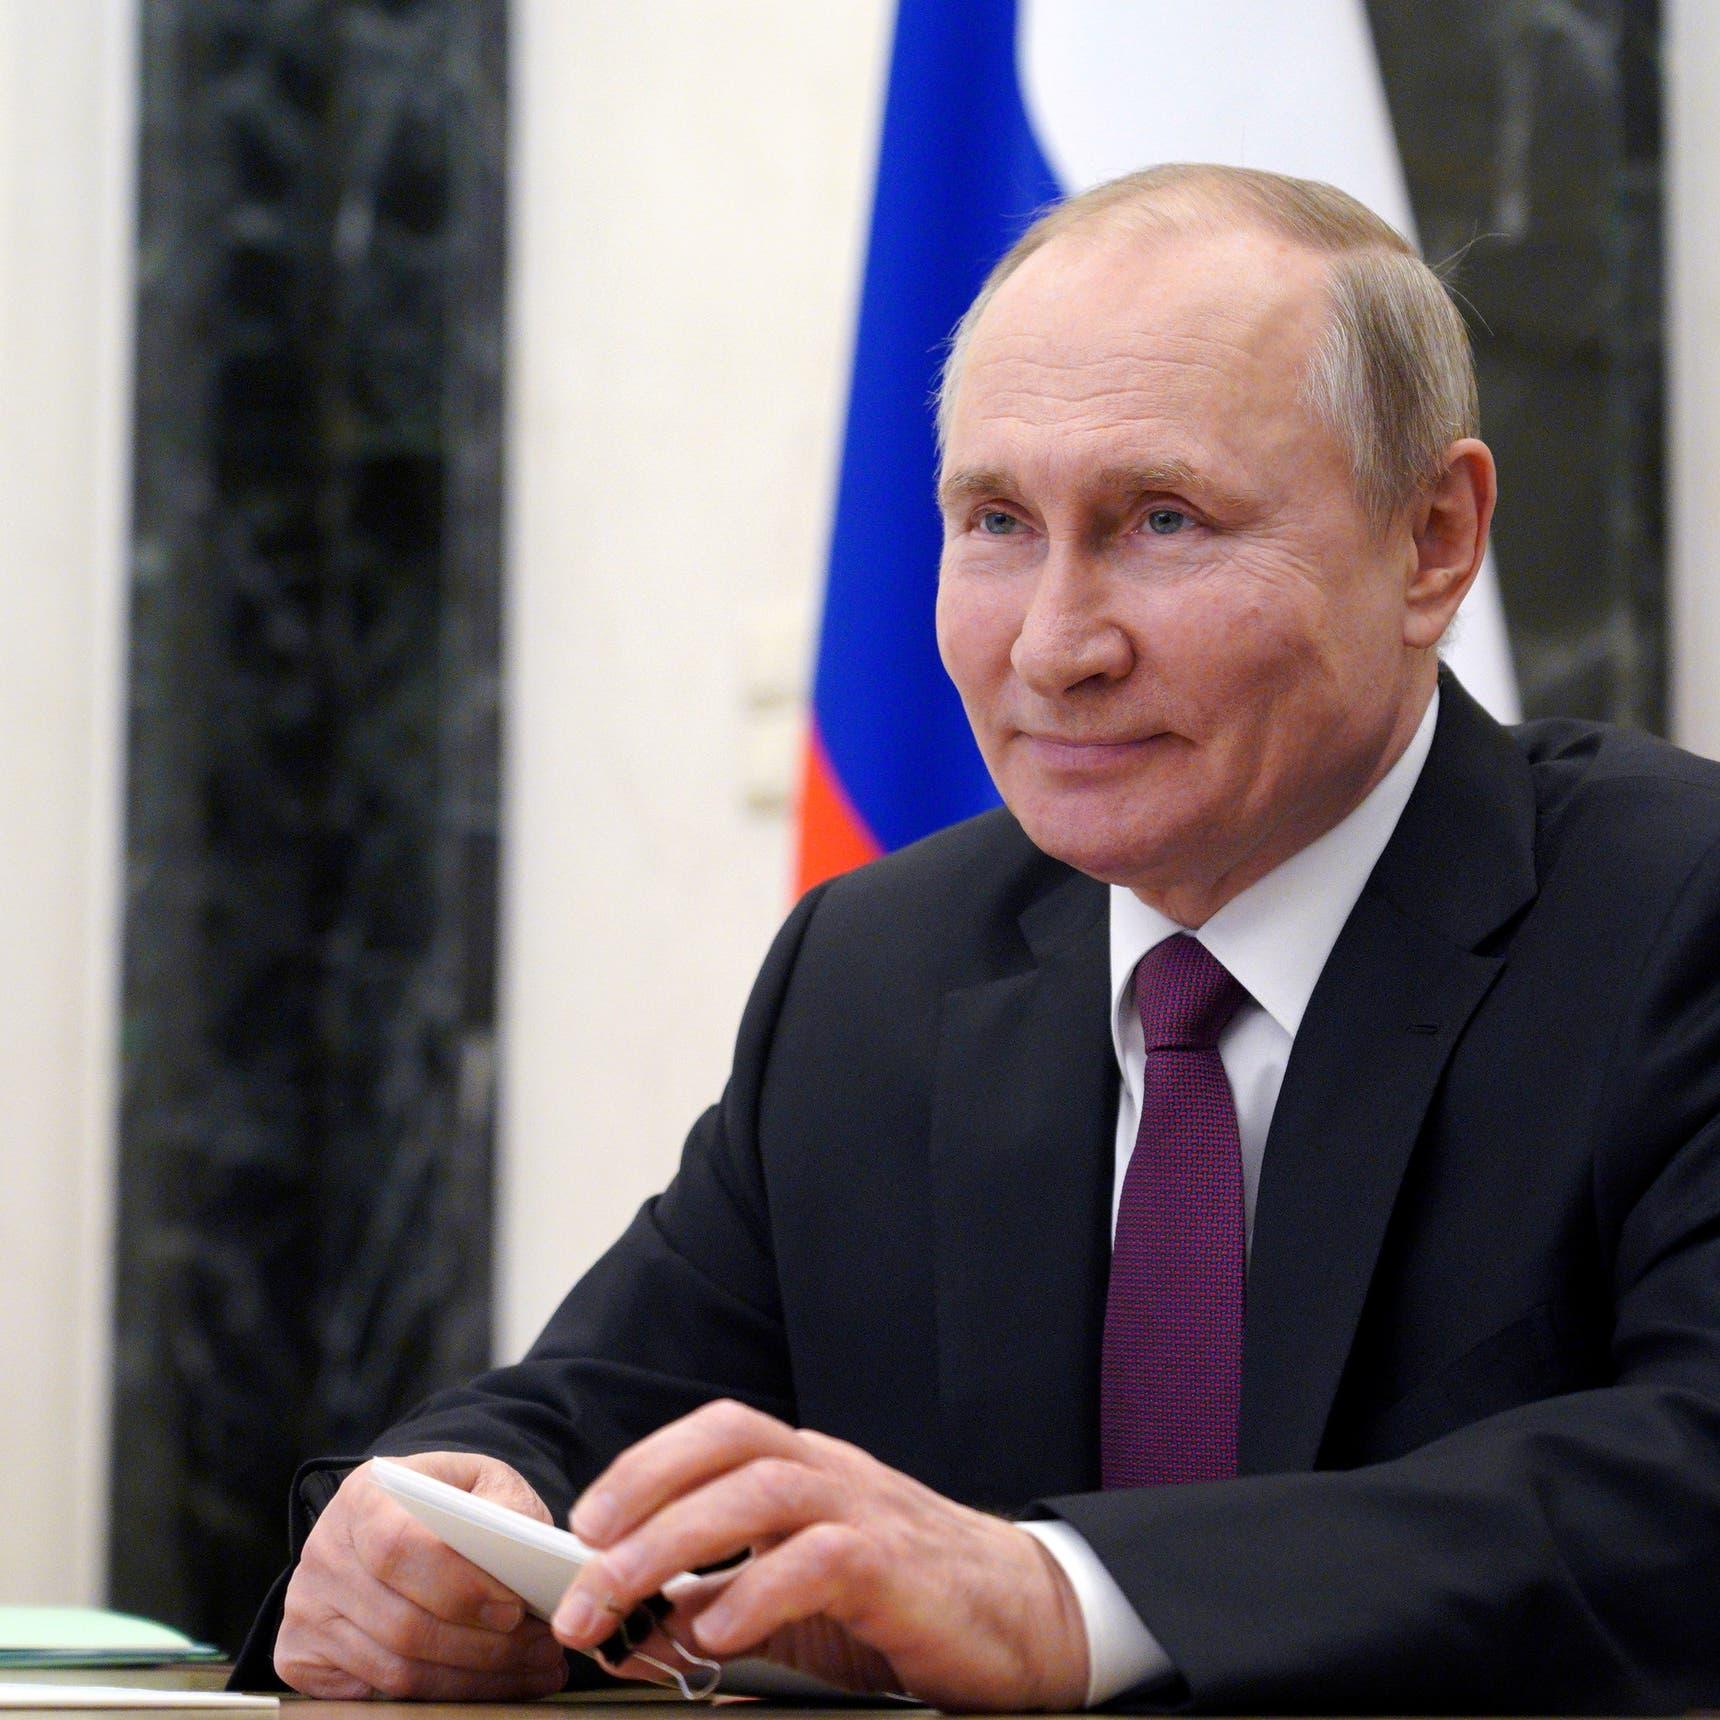 بوتين يوقع قانوناً يسمح له بالبقاء رئيساً لولايتين إضافيتين